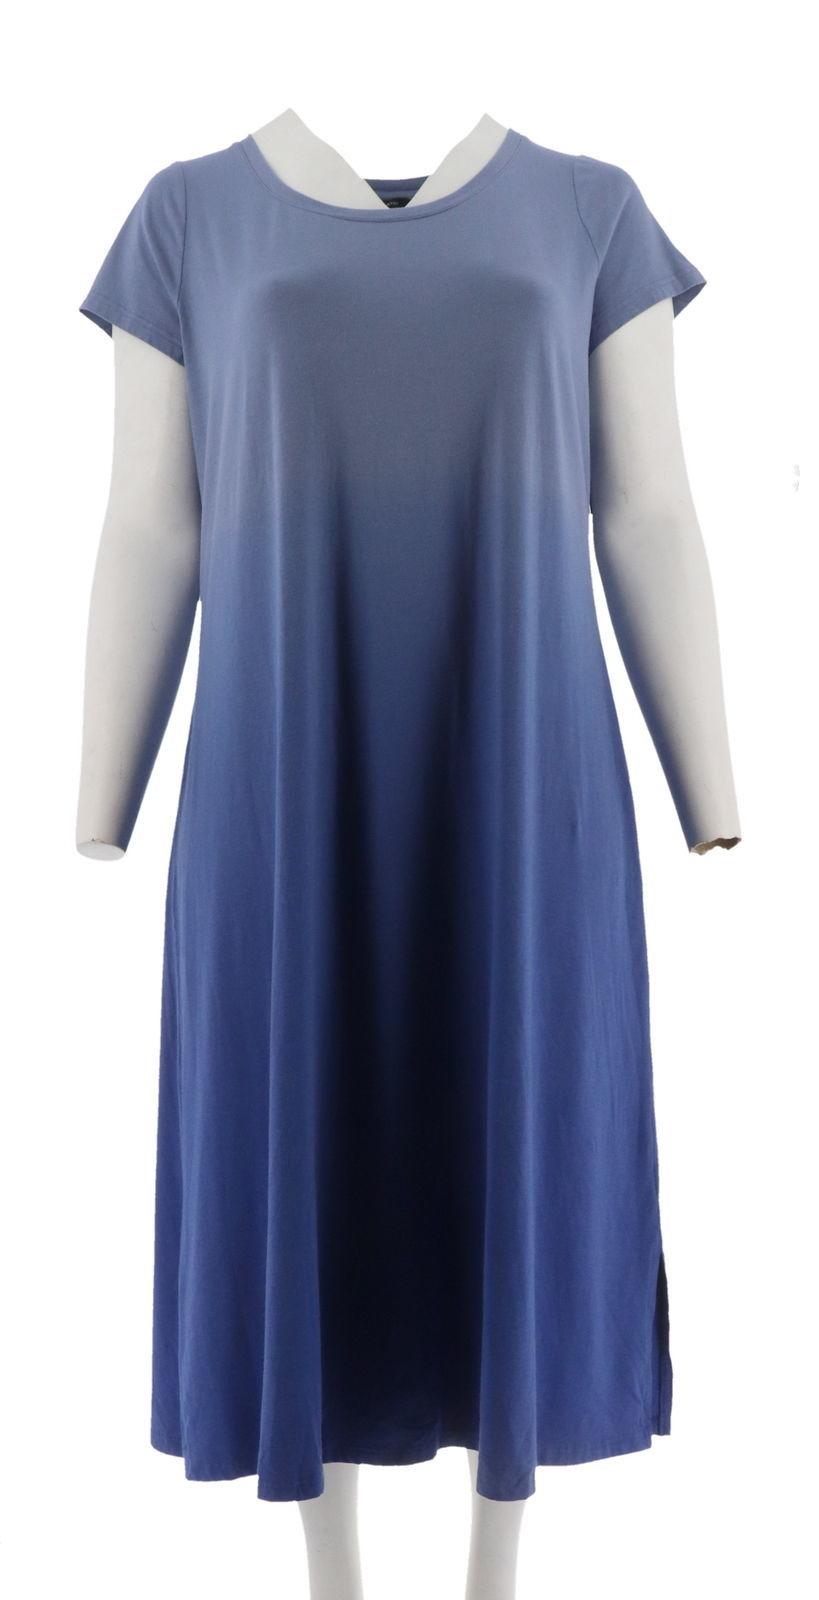 H Halston Short Slv Dip Dye Knit Midi Dress Purple Iris S NEW A289380